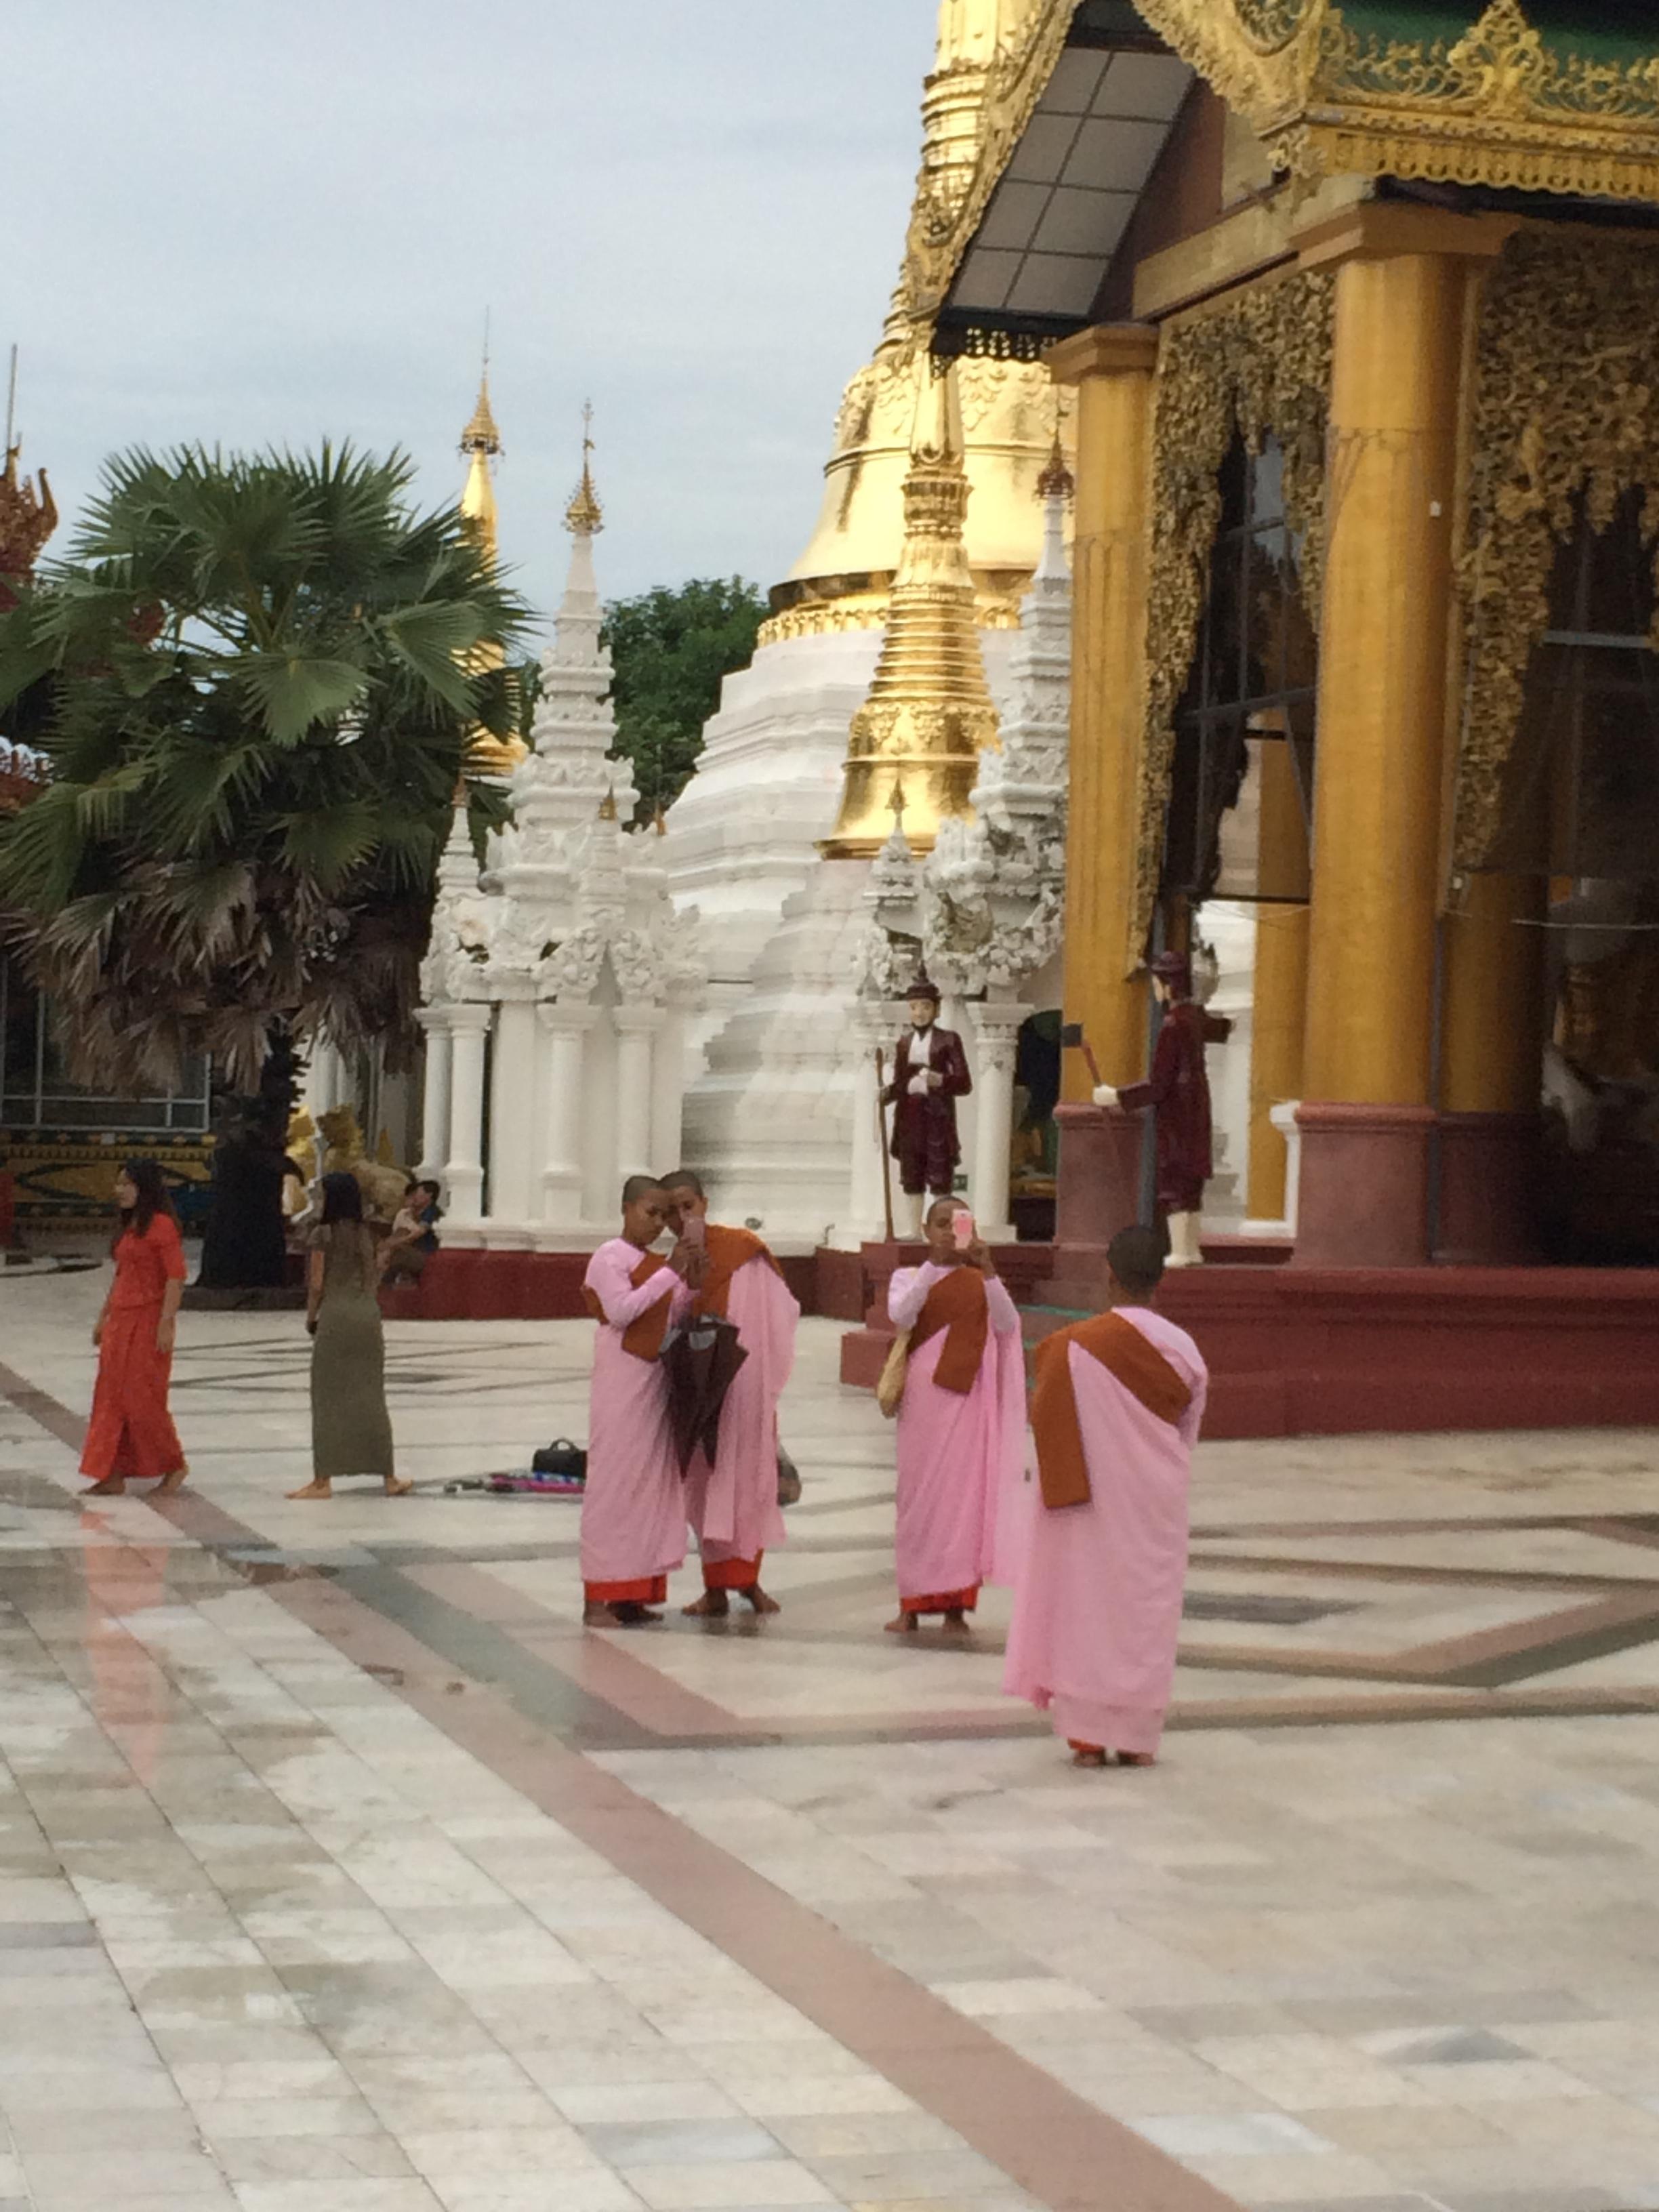 More female monks